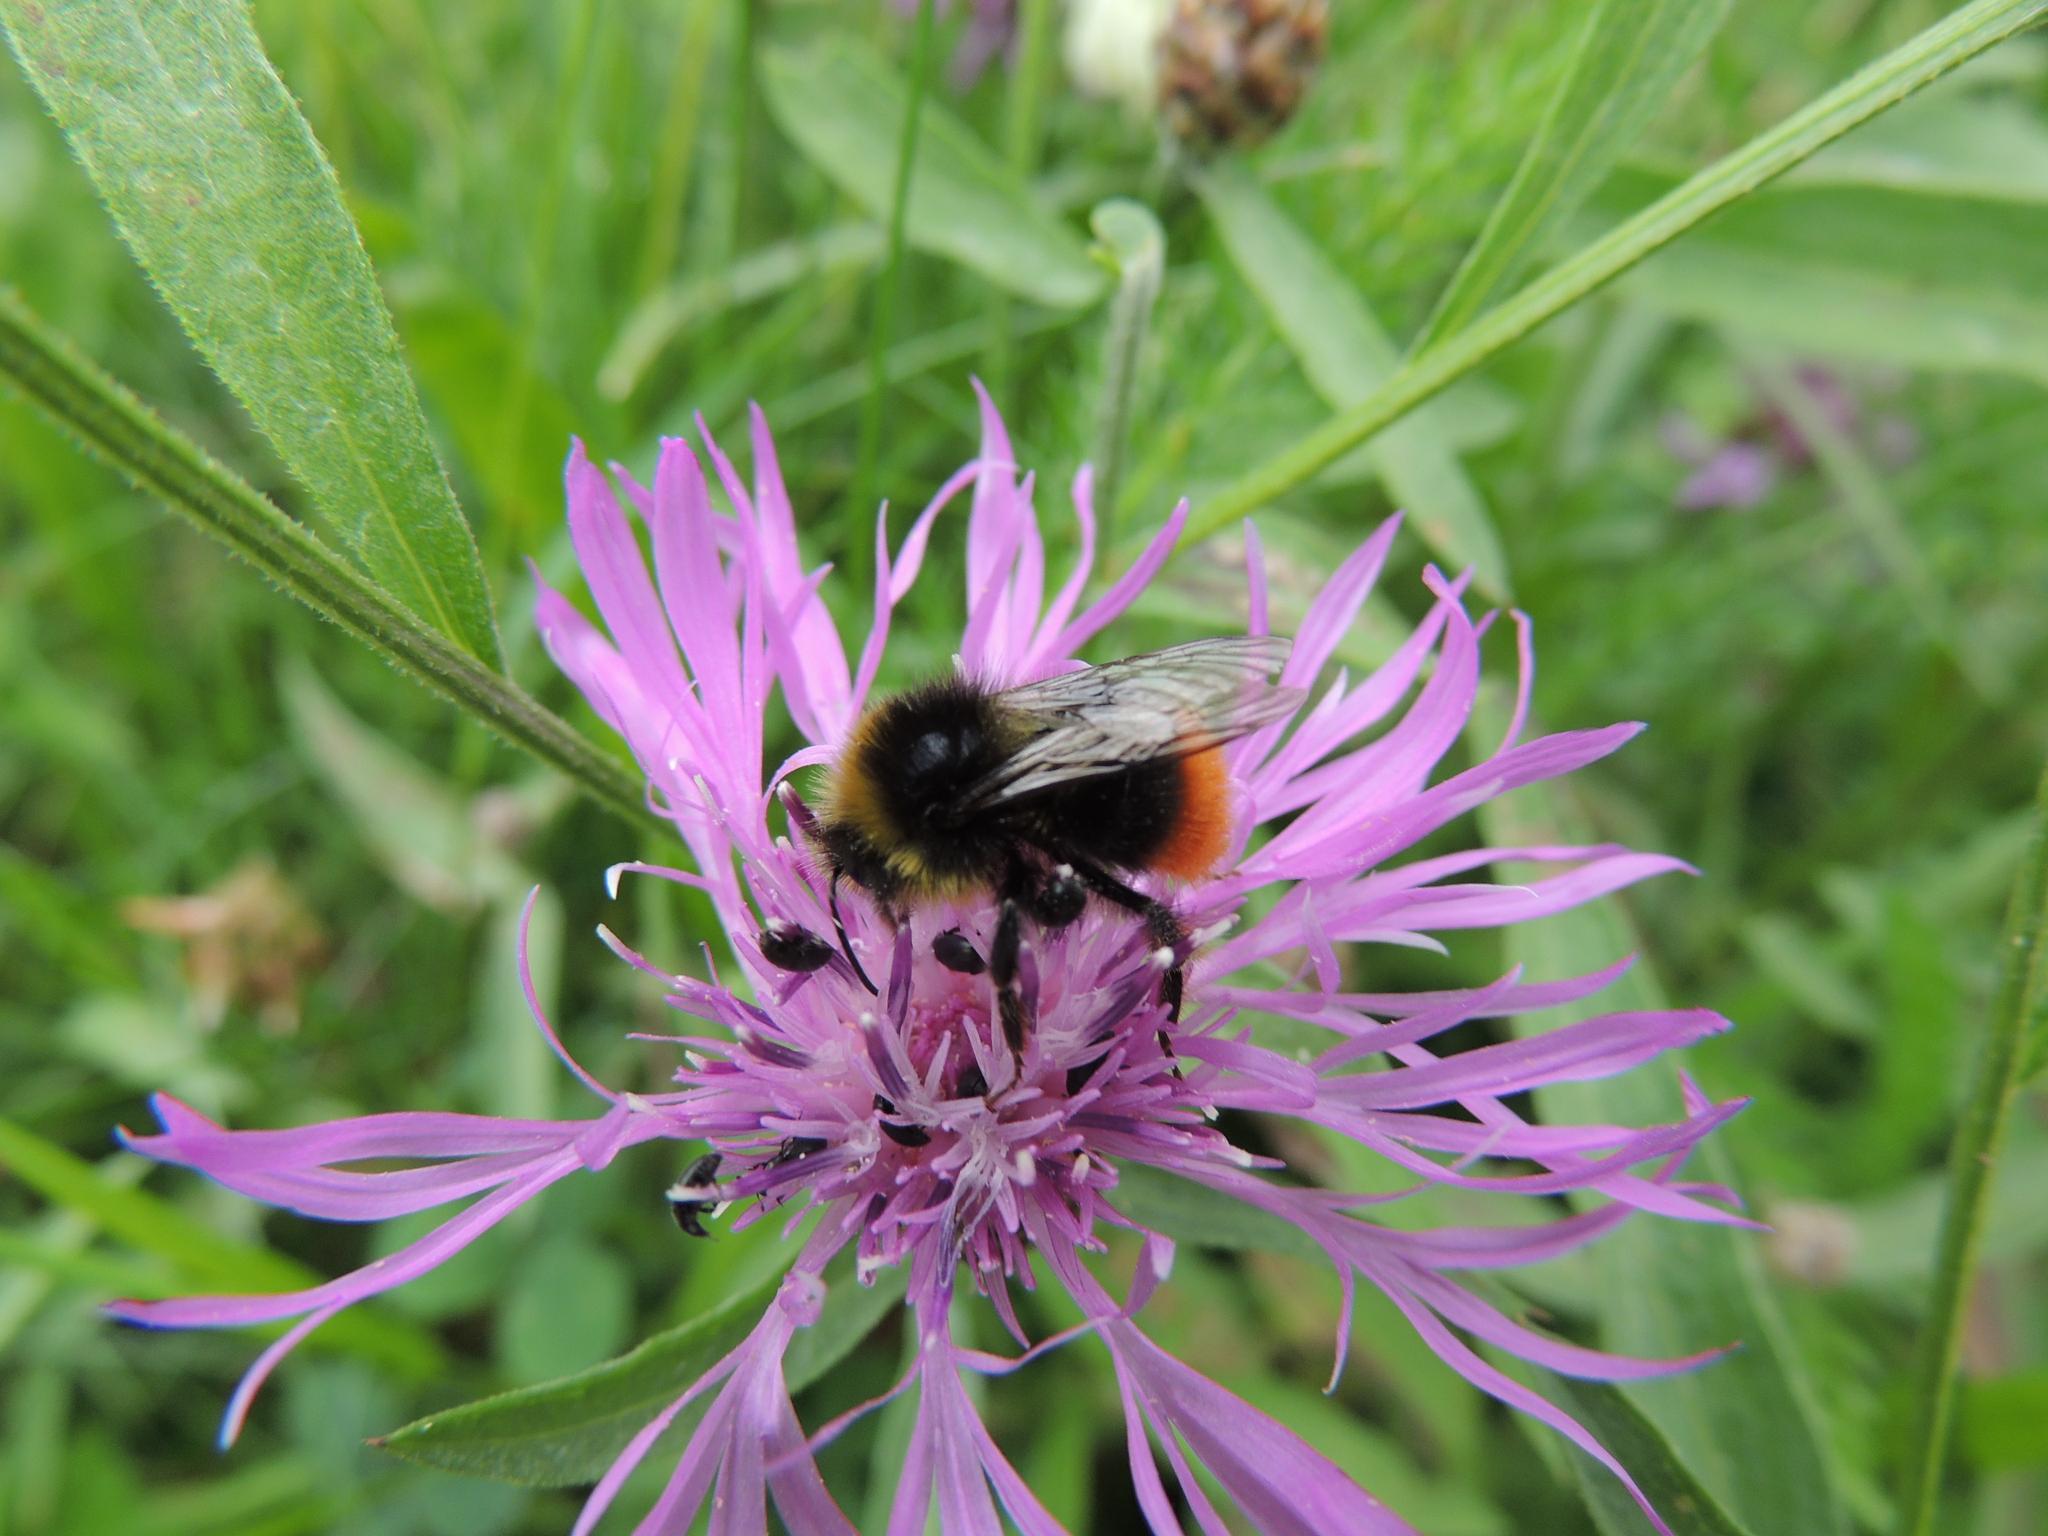 bumblebee by Oliver Kieser